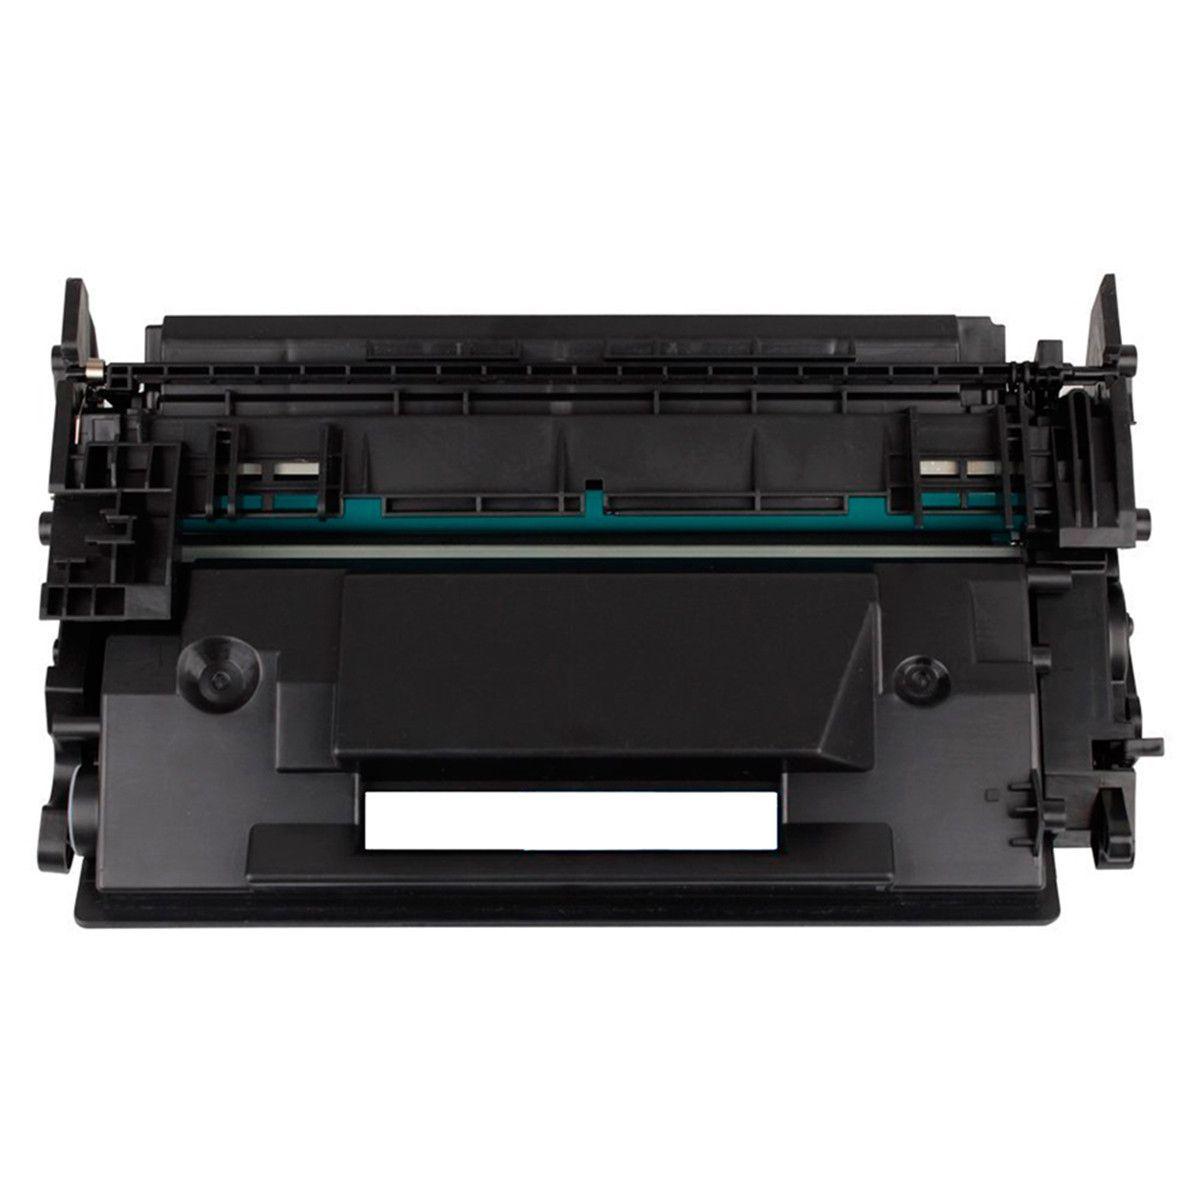 TONER COMPATÍVEL COM TONER HP [CF287X] M501 M506 M527 M506DN M506X M527DN M527F M527C 18.000 Páginas - Cartucho & Cia